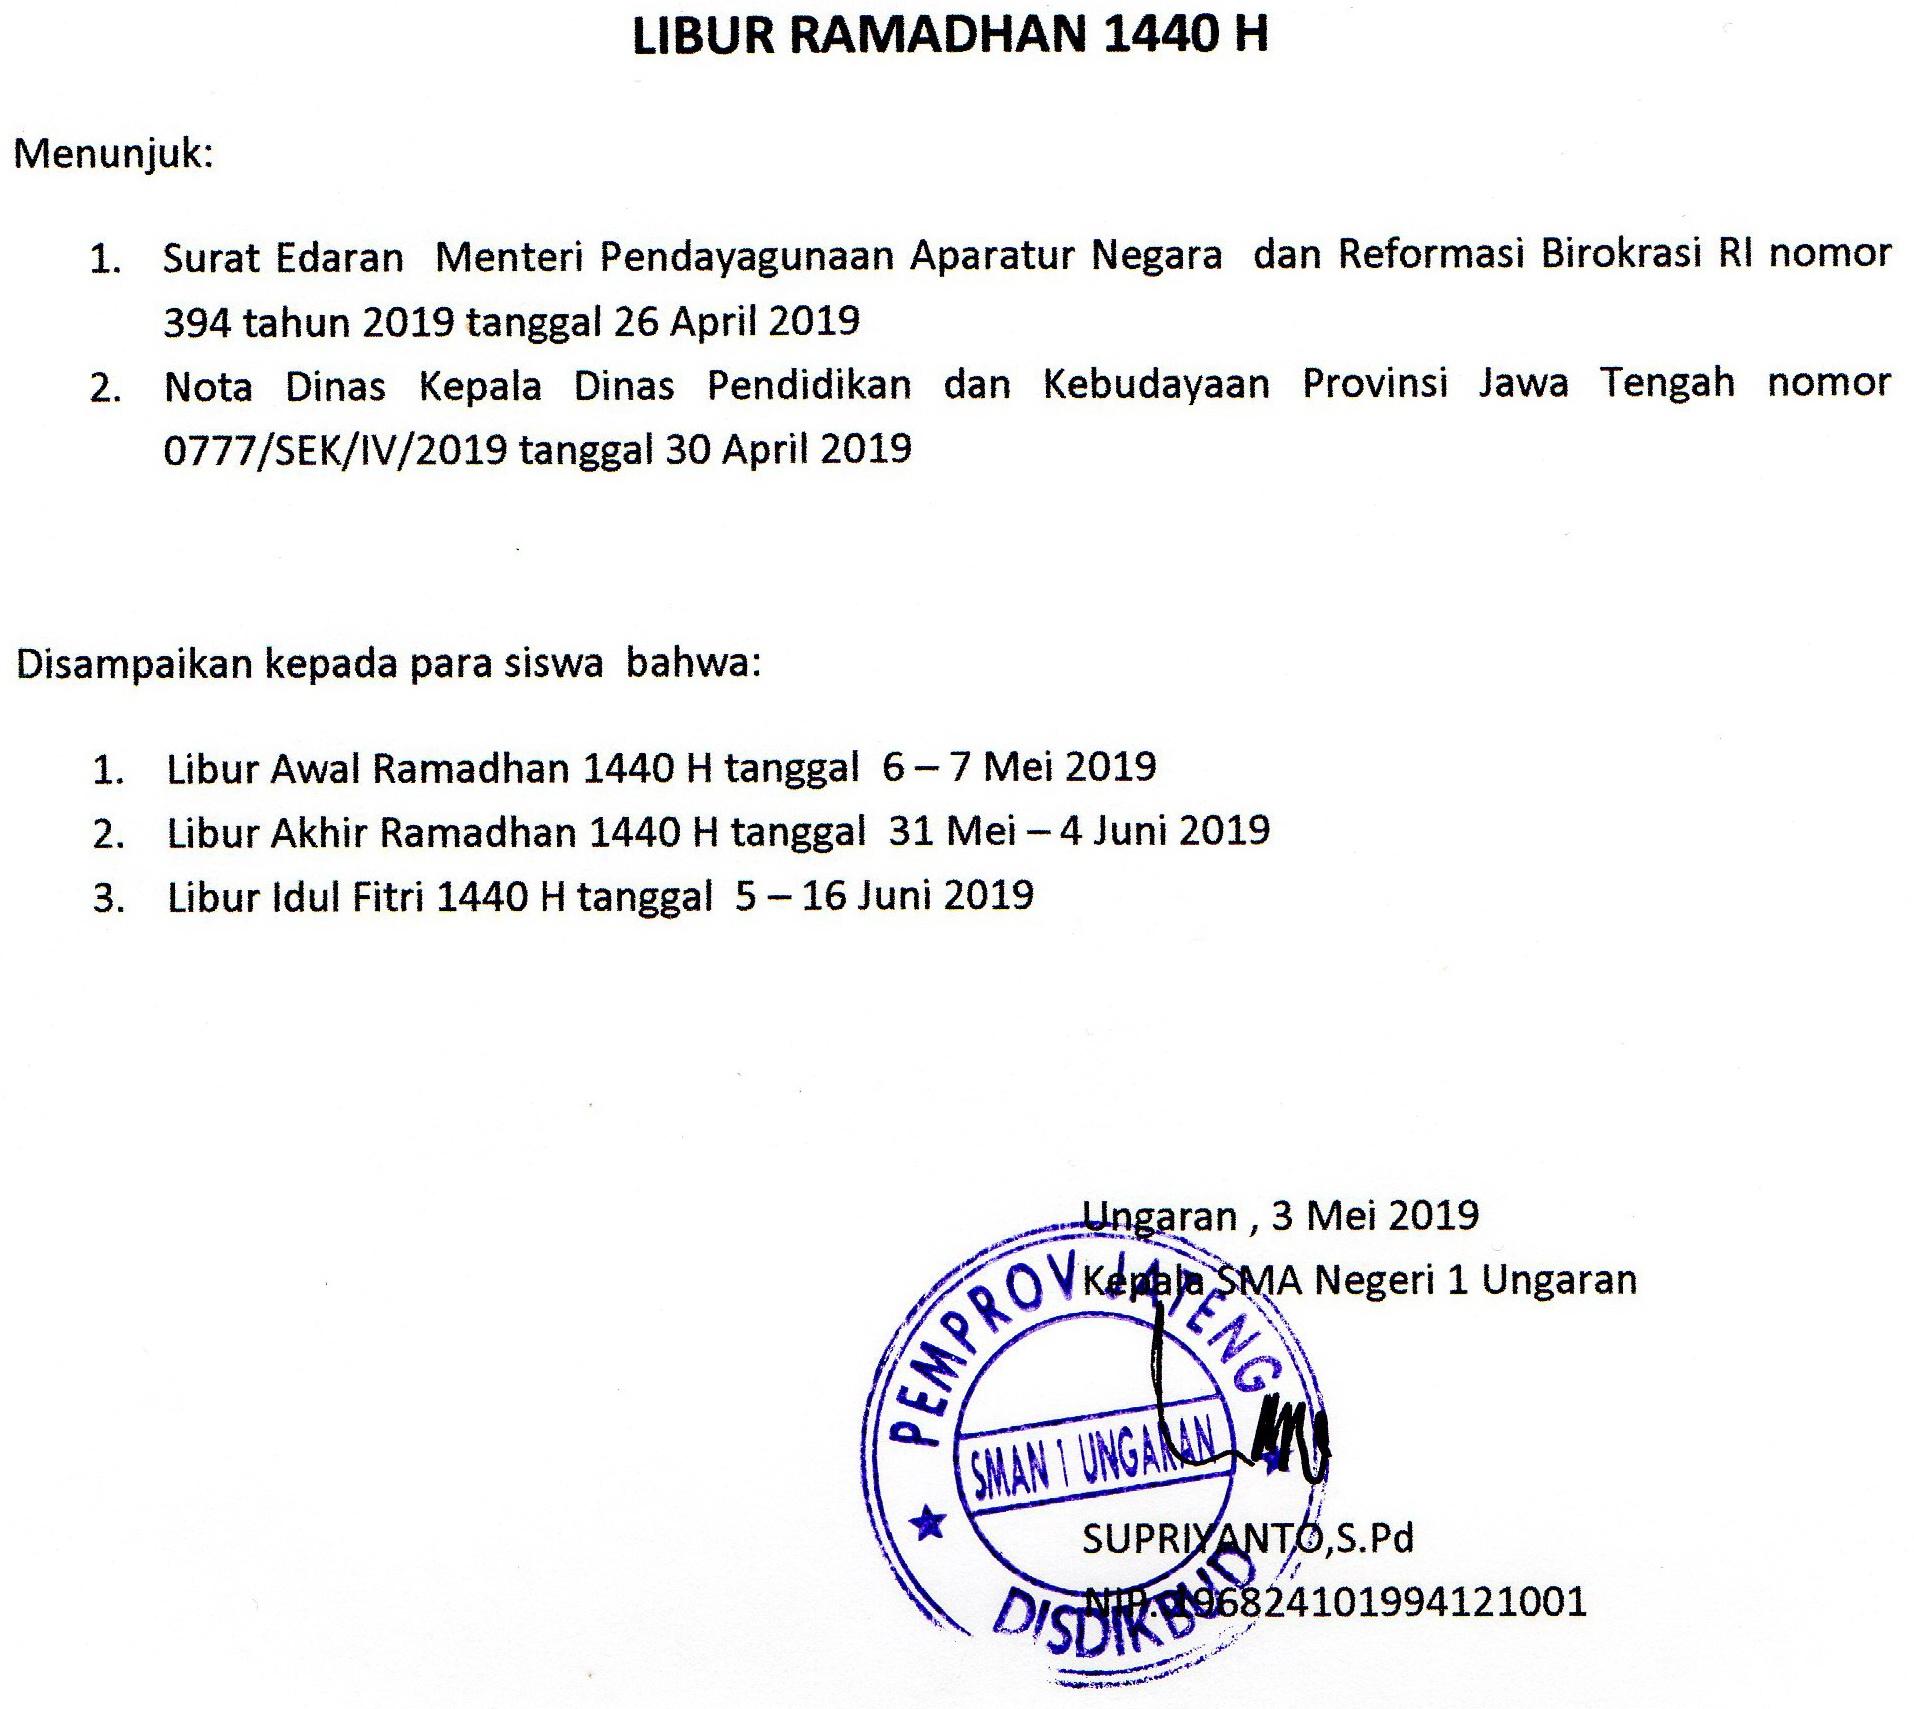 Jadwal Libur Ramadhan 1440 H